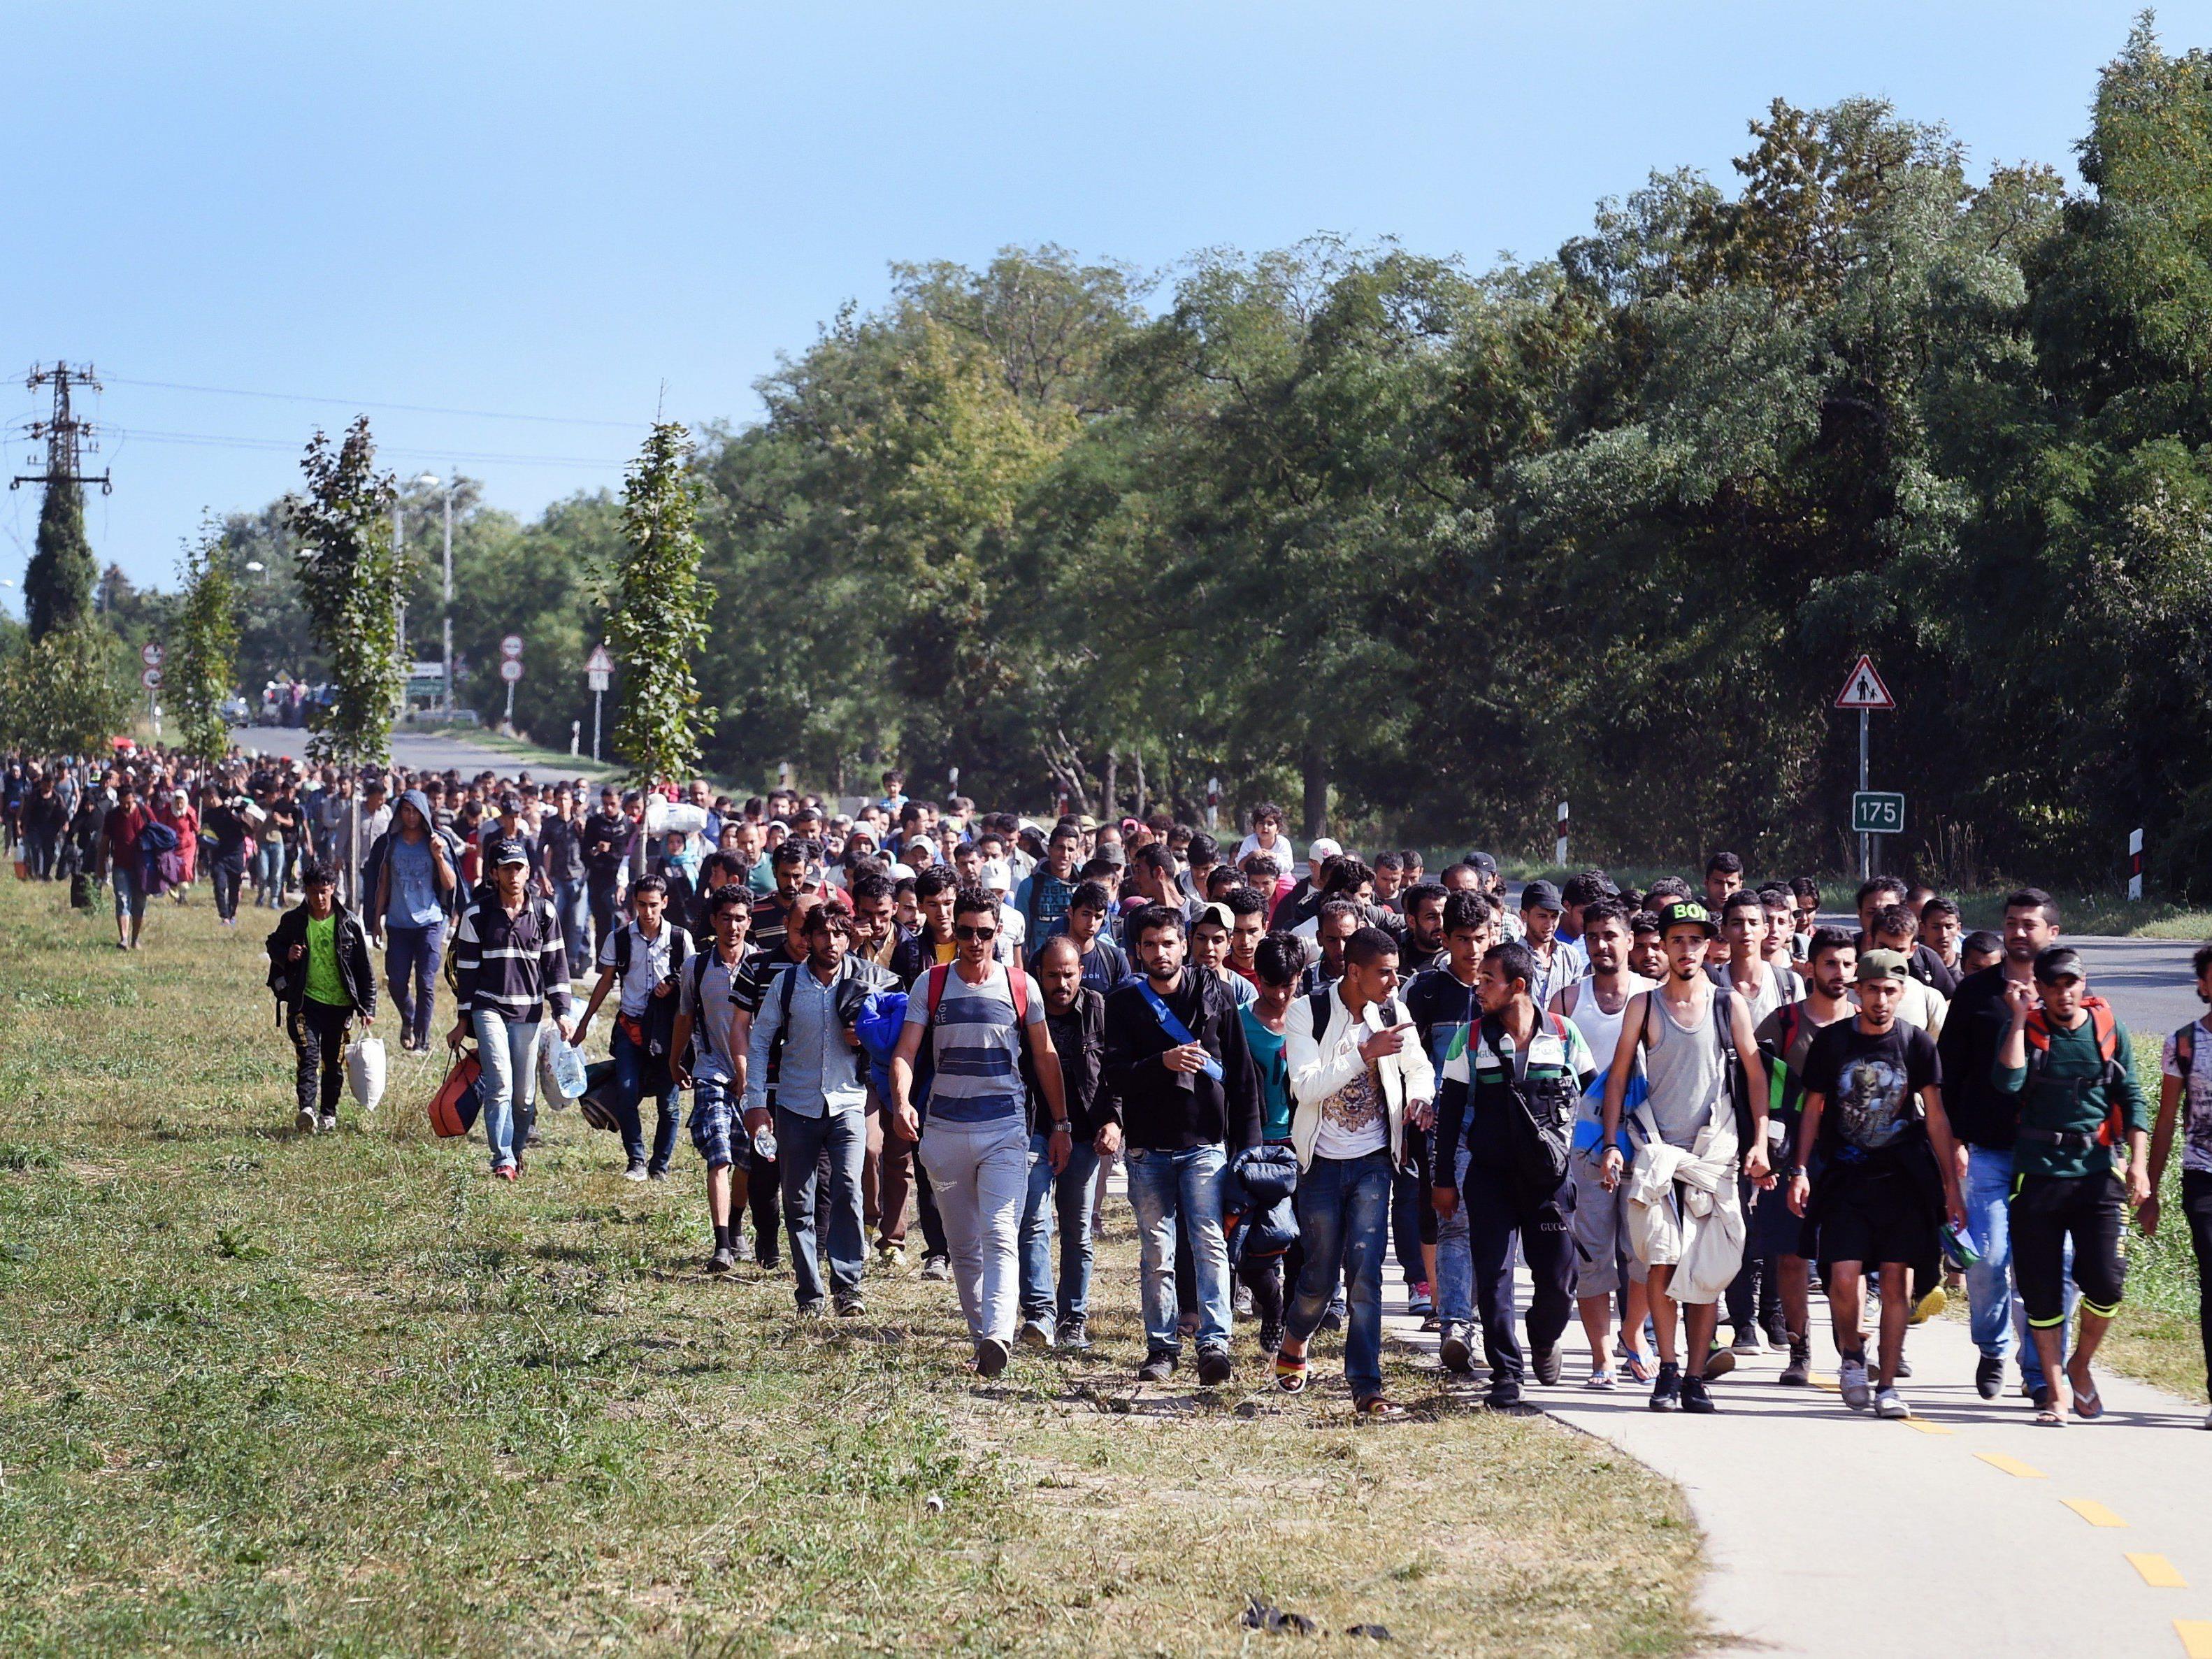 Flüchtlinge in Ungarn auf dem Weg in Richtung Westen.